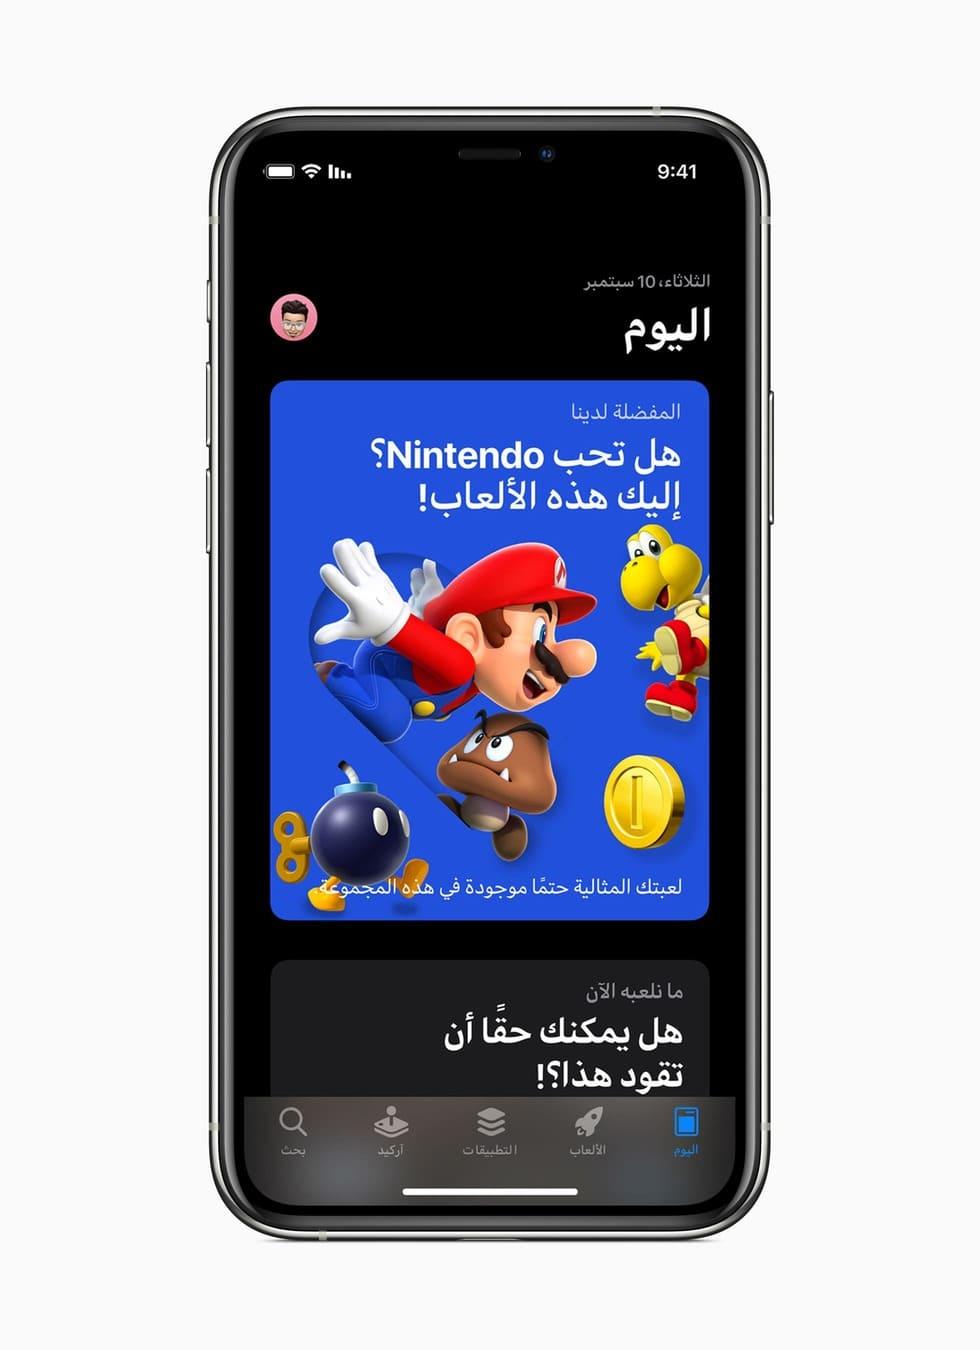 apple iphone mario bross juegos